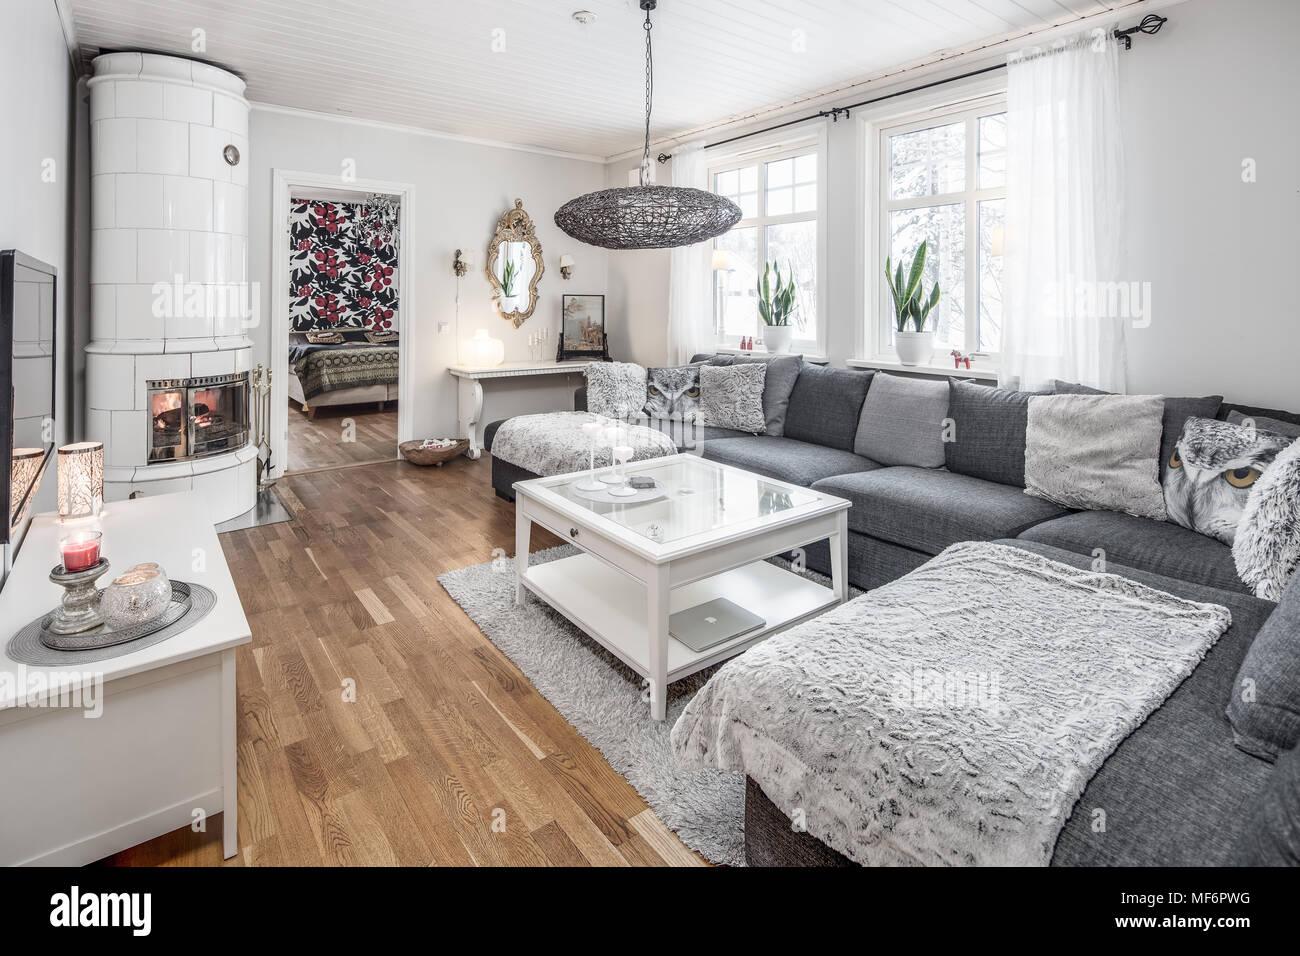 Moderne skandinavische Grau und Weiß Wohnzimmer mit Kamin ...